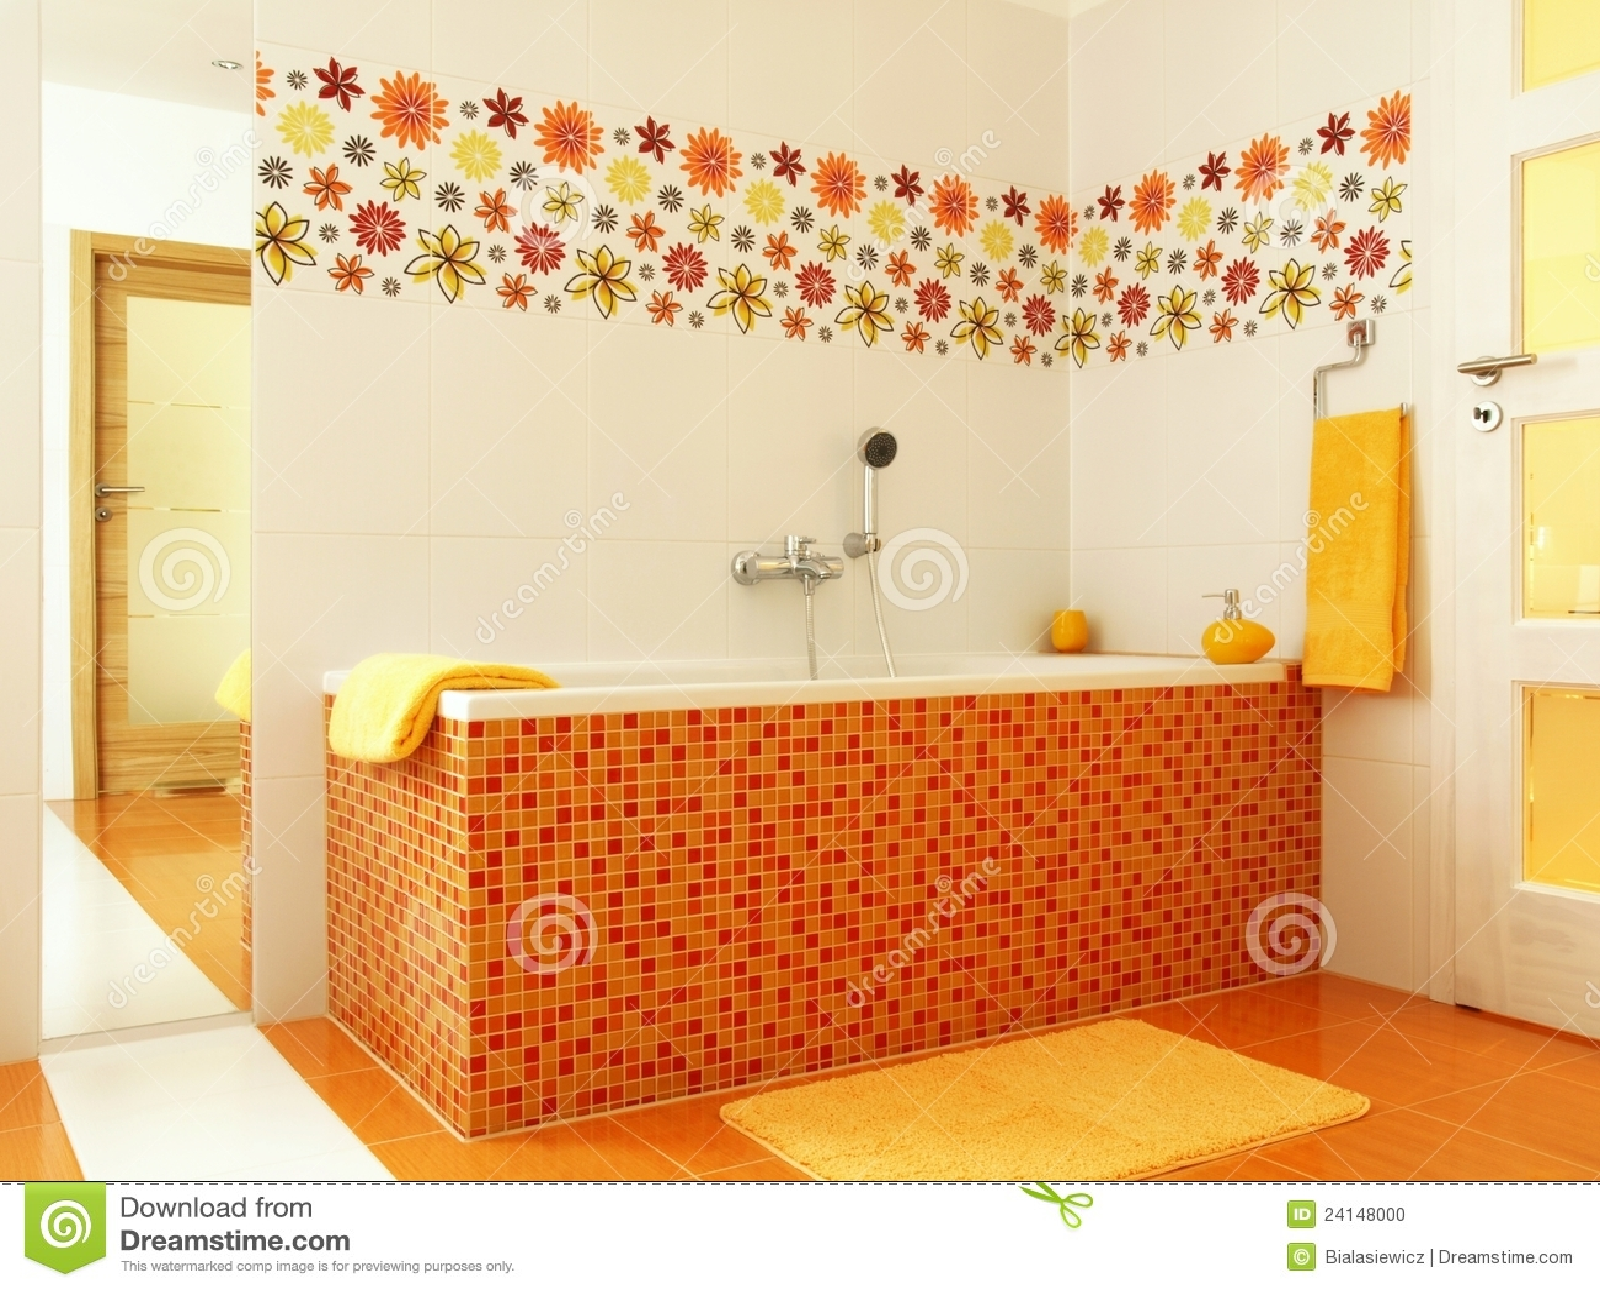 Salle de bains moderne dans la couleur orange photo stock for Comcouleur salle de bain moderne